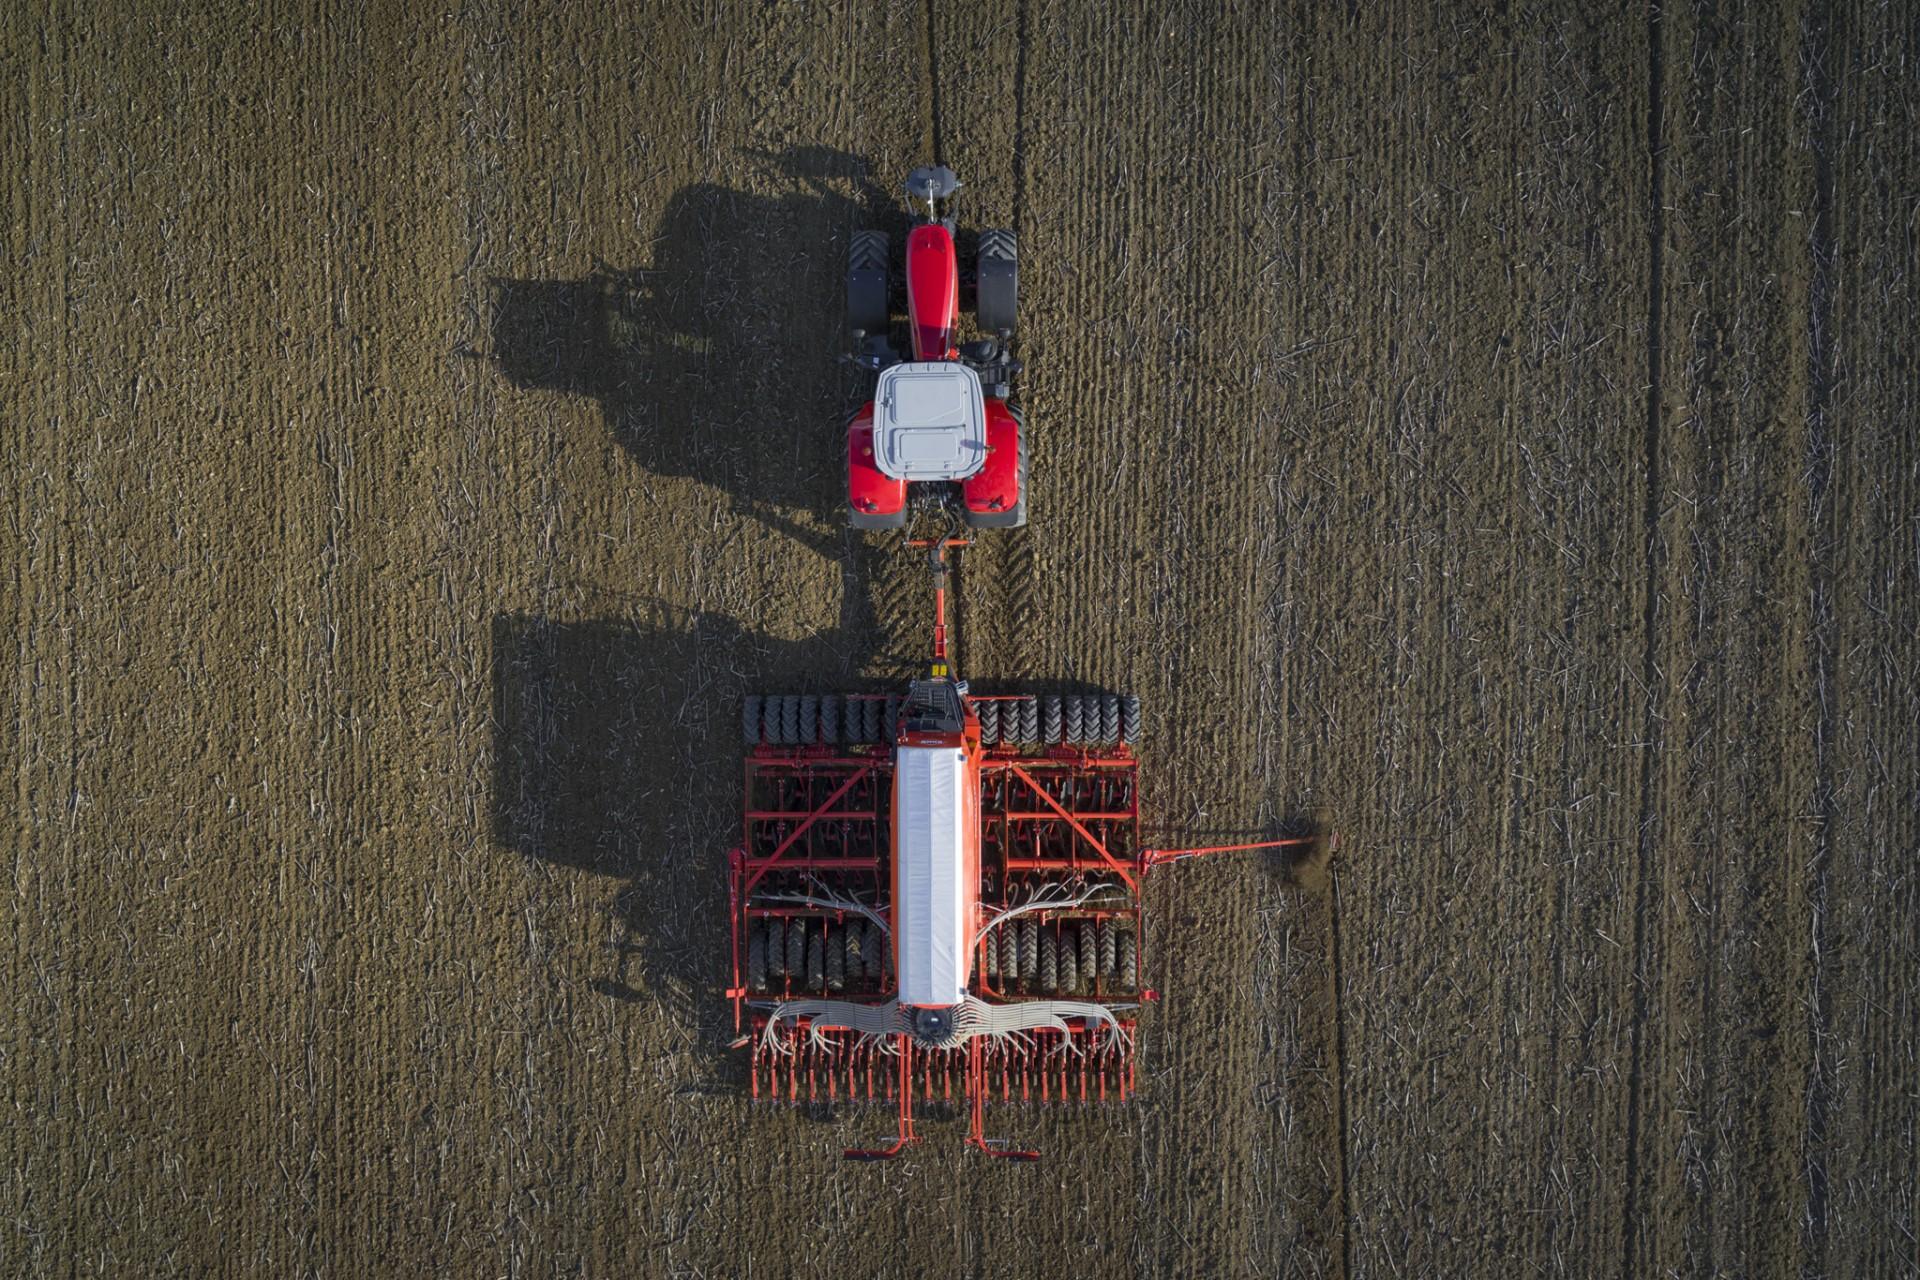 Ahorrar combustible en la siembra sin perder potencia es posible gracias a la Espro de Kuhn - 1